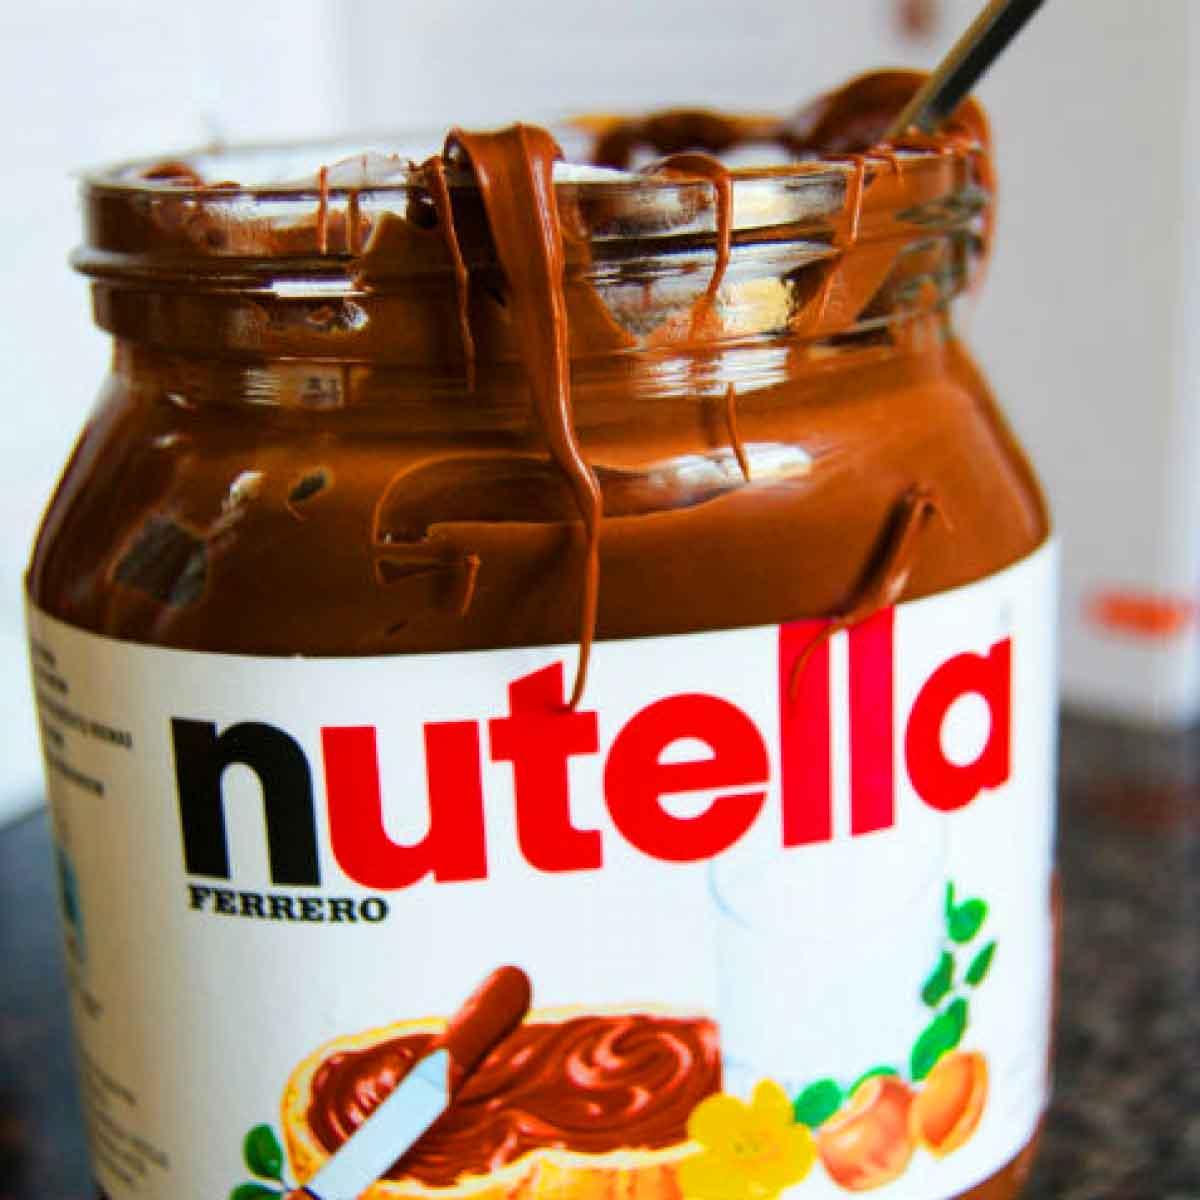 Nutella 350g Ferrero Creme de Avelã com Cacau